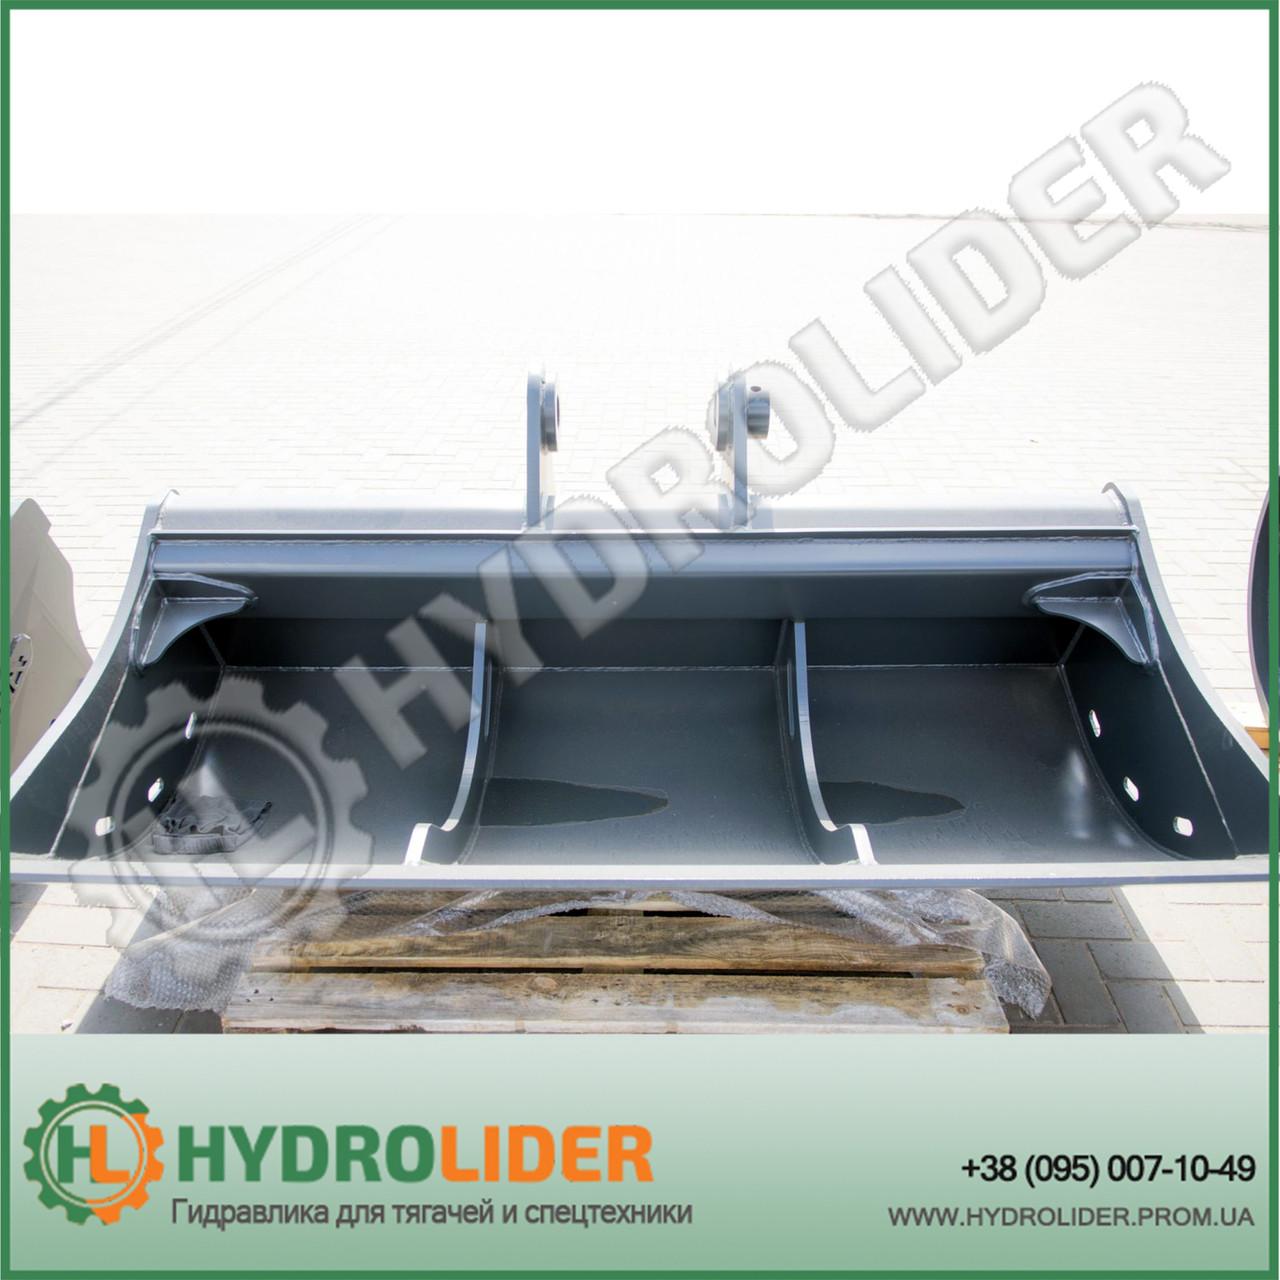 Планировочный ковш А.ТОМА на экскаватор Hyundai 210W9S